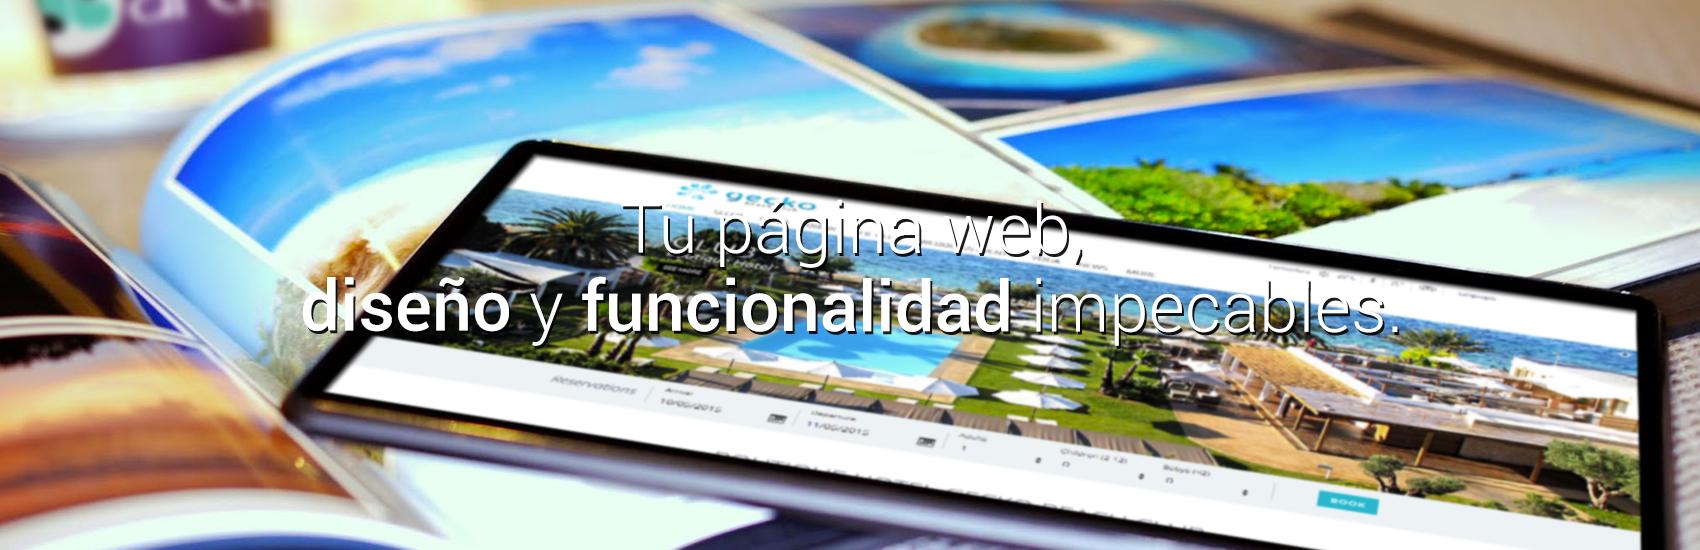 web_144dpi_def